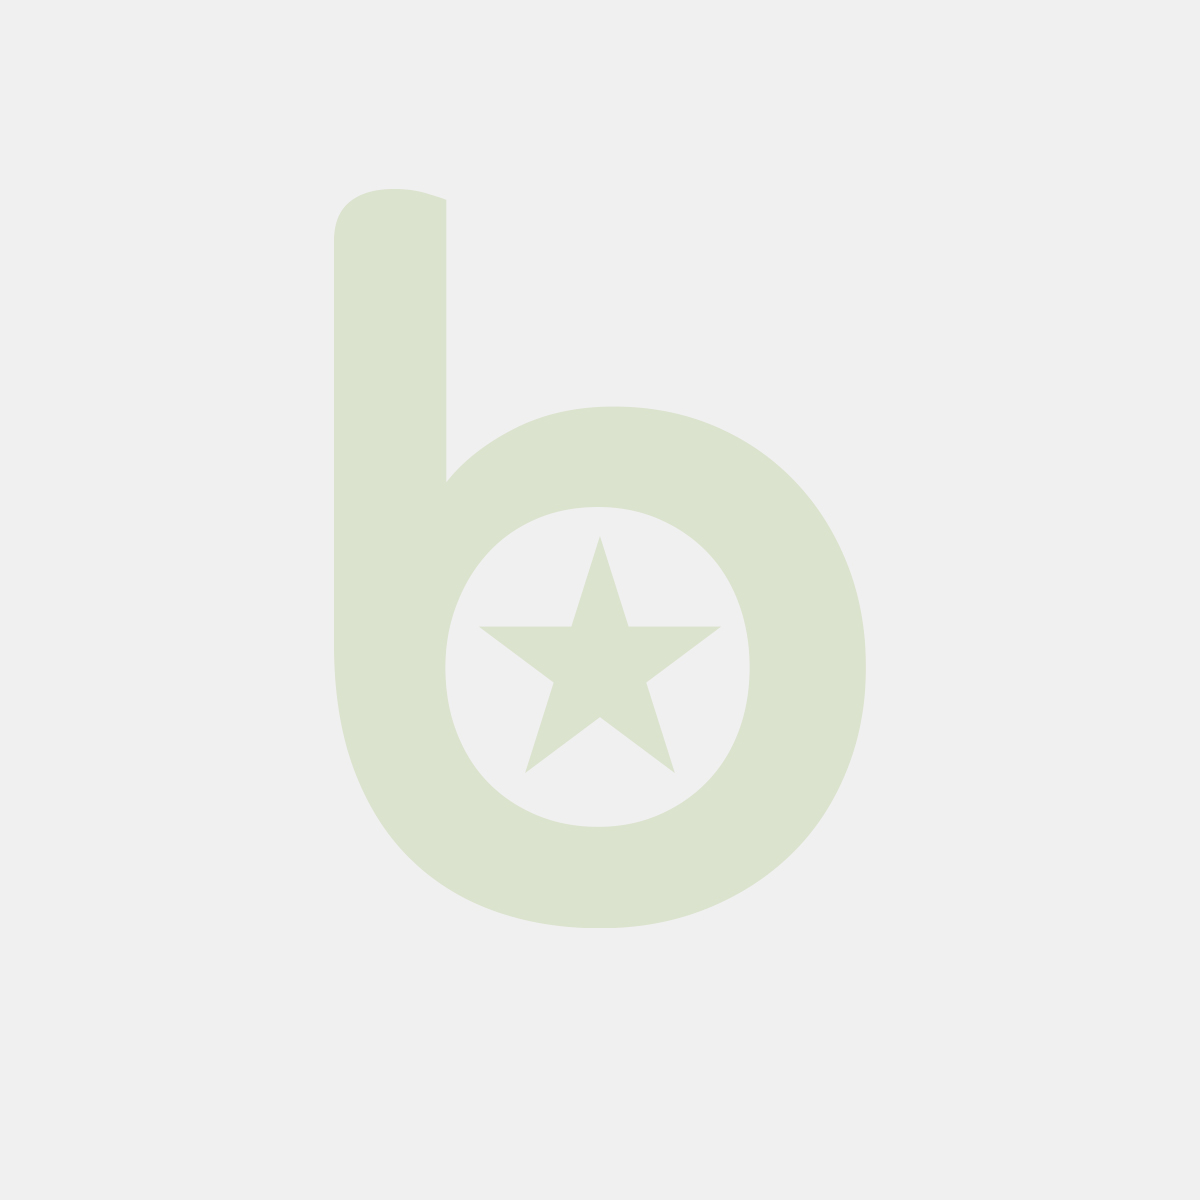 FINGERFOOD - talerzyk 15ml PS czarny 8x8x6,6 op. 50 sztuk